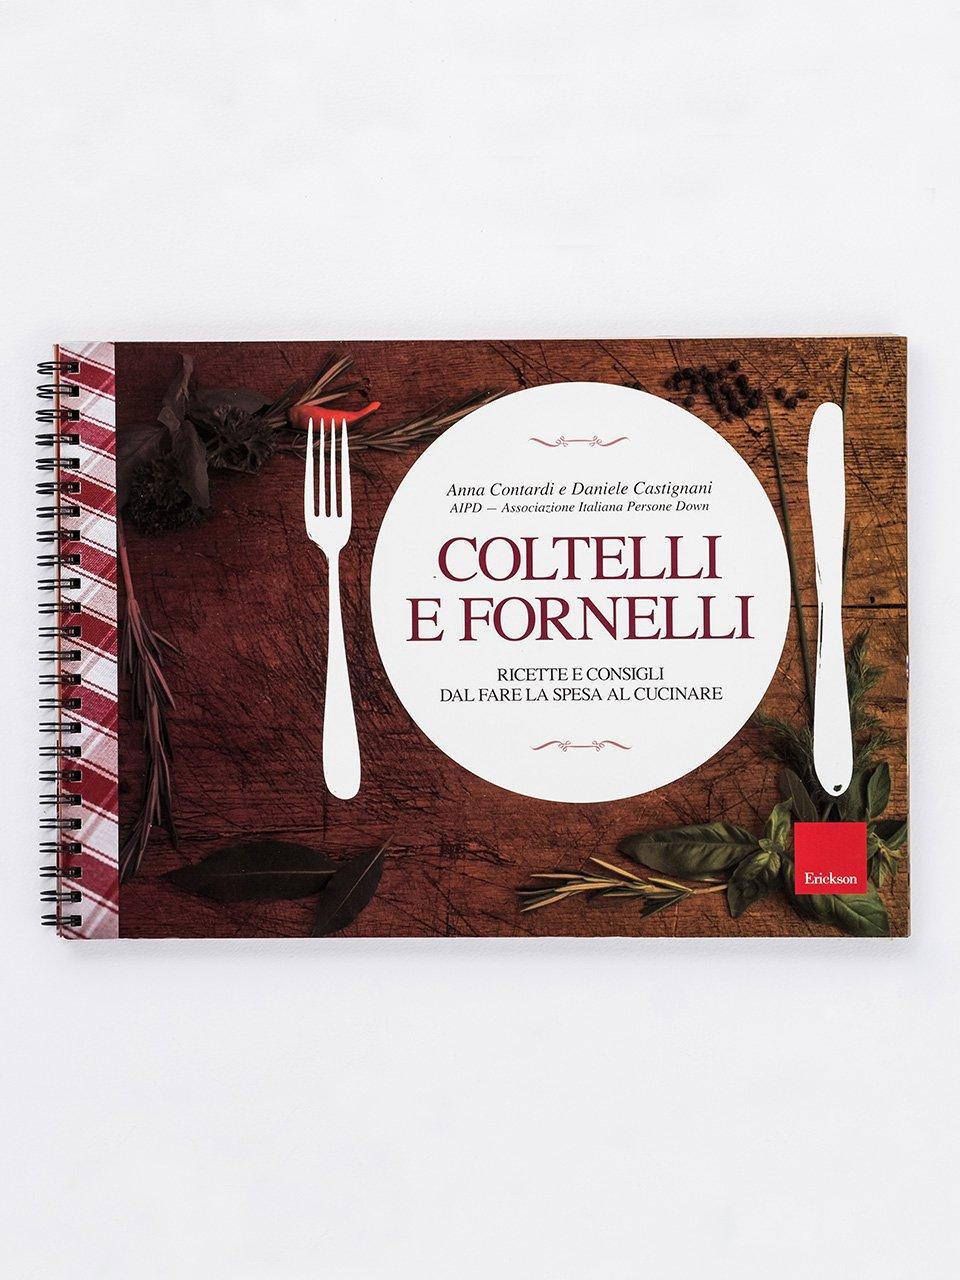 Coltelli e fornelli - Rosalie va a passeggio - Libri - Erickson